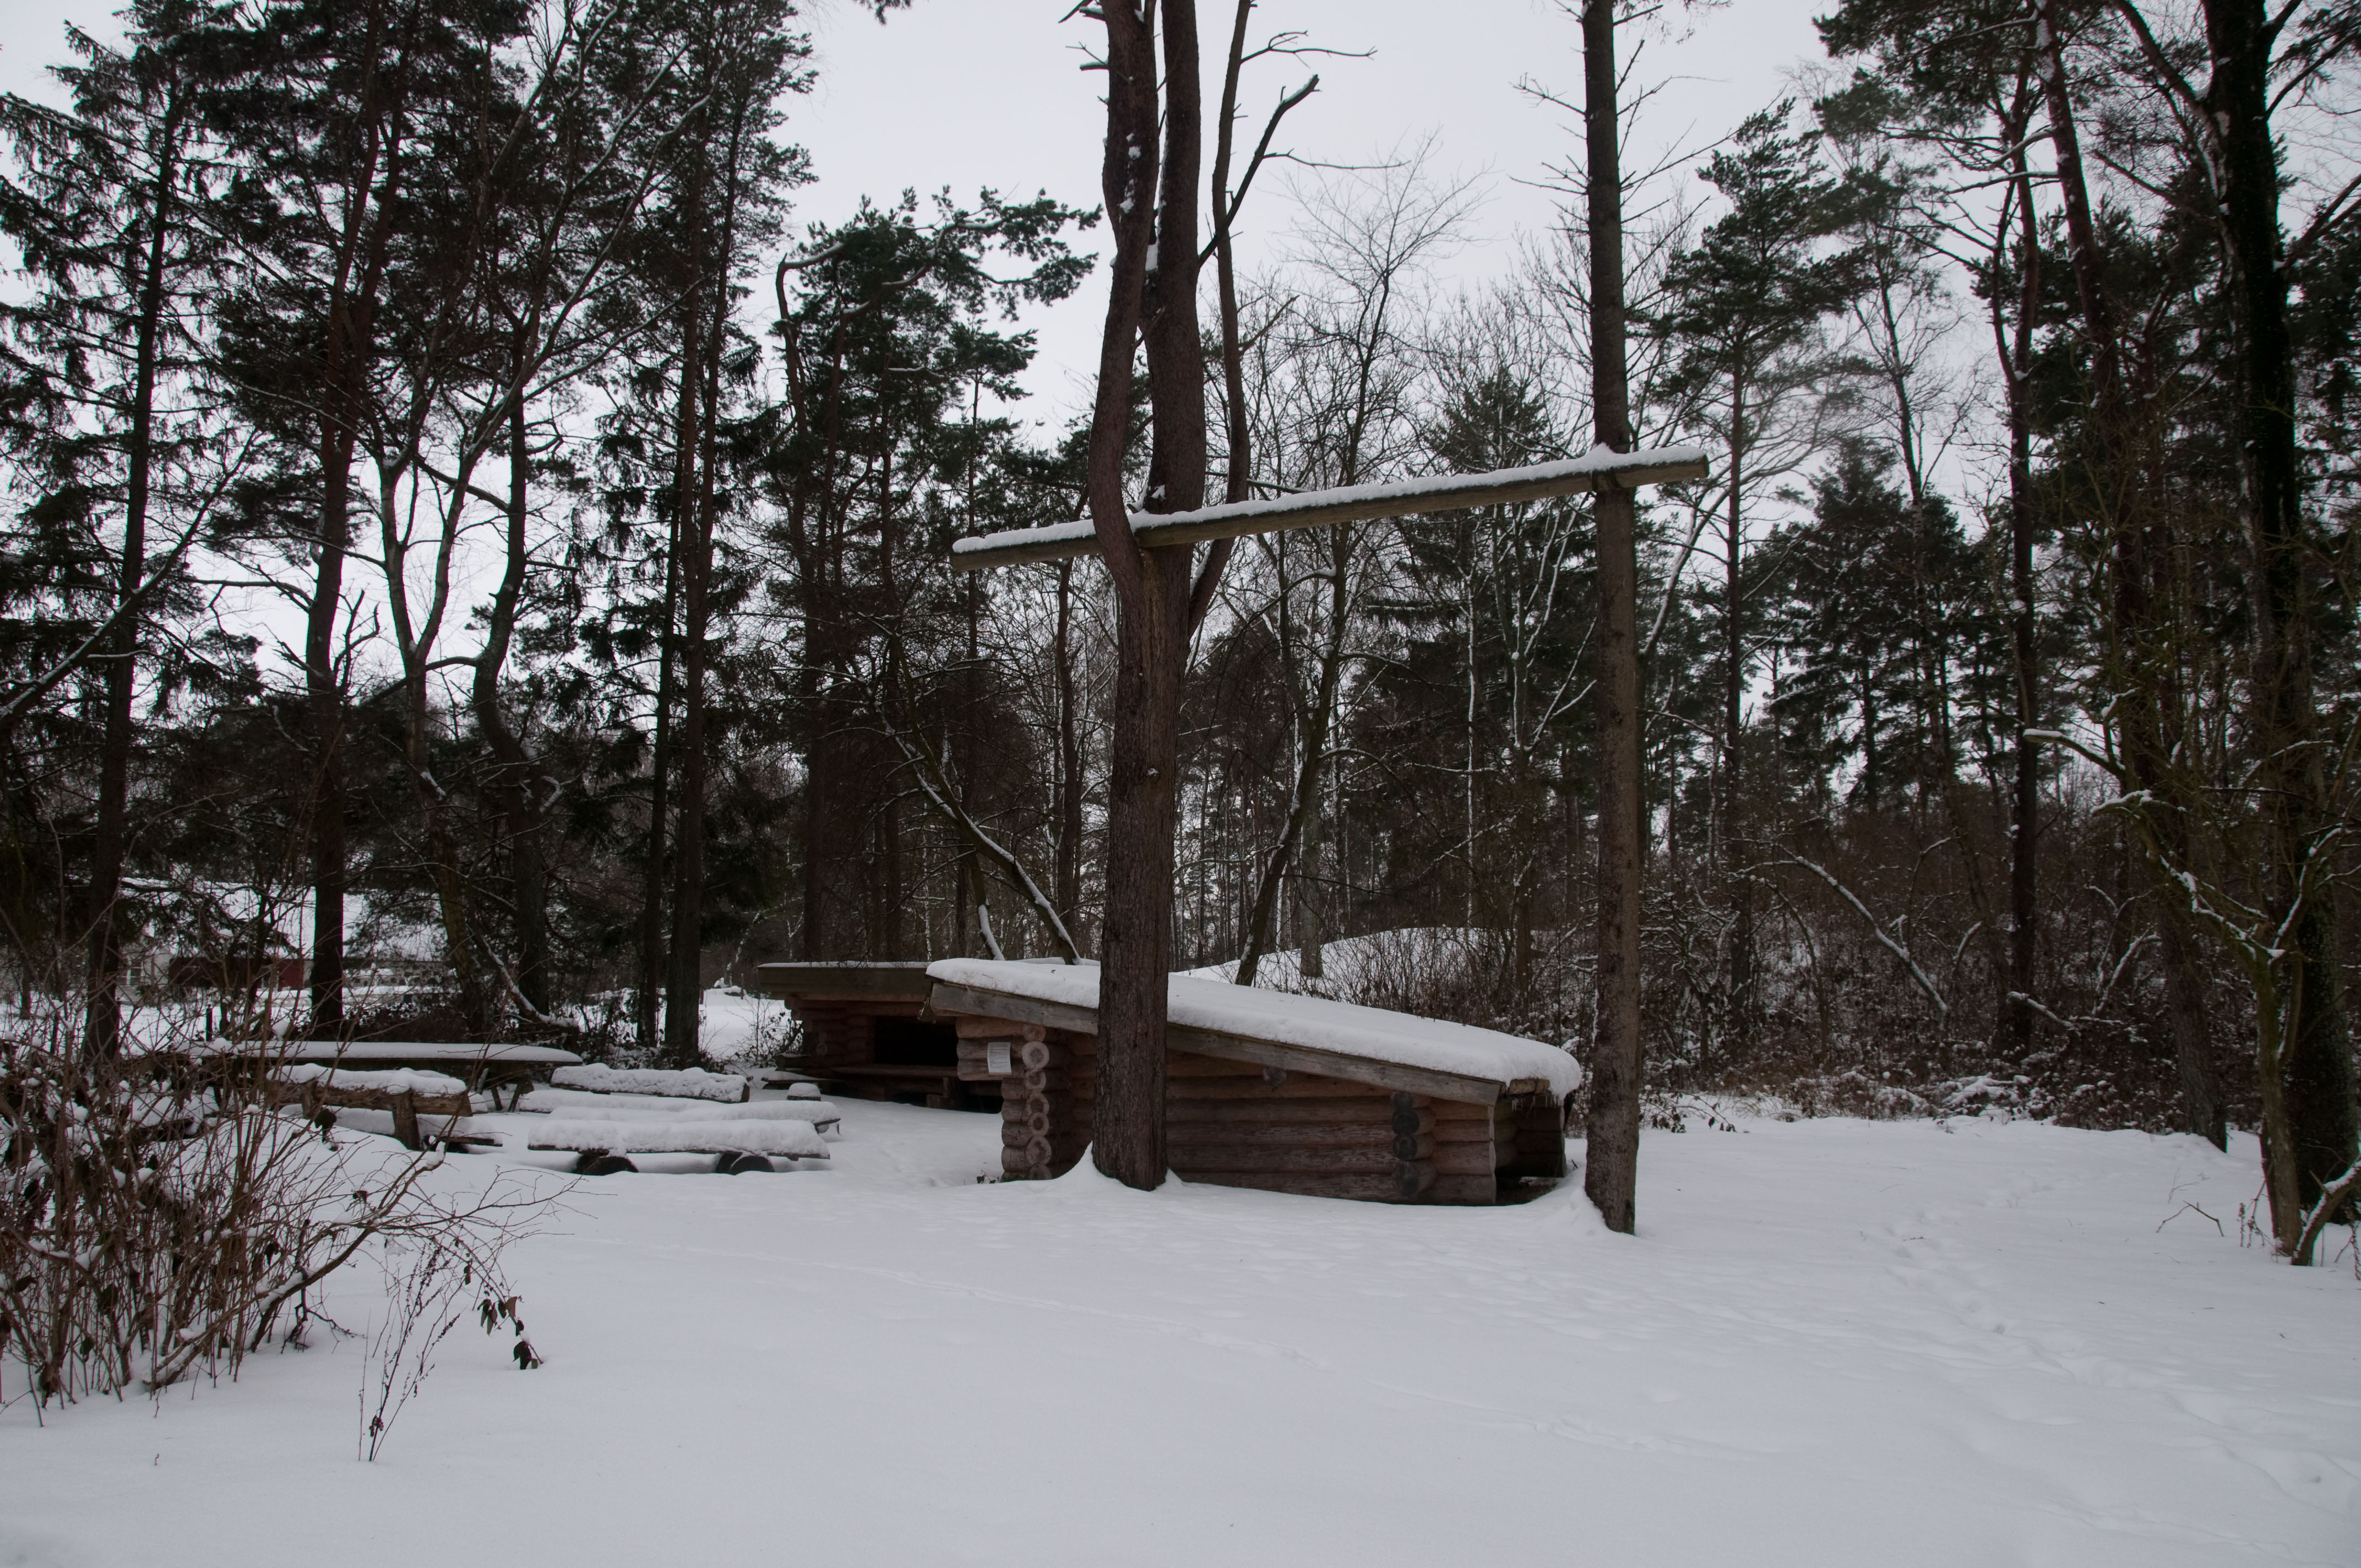 kullen vinter 2010 dsc4585.jpg